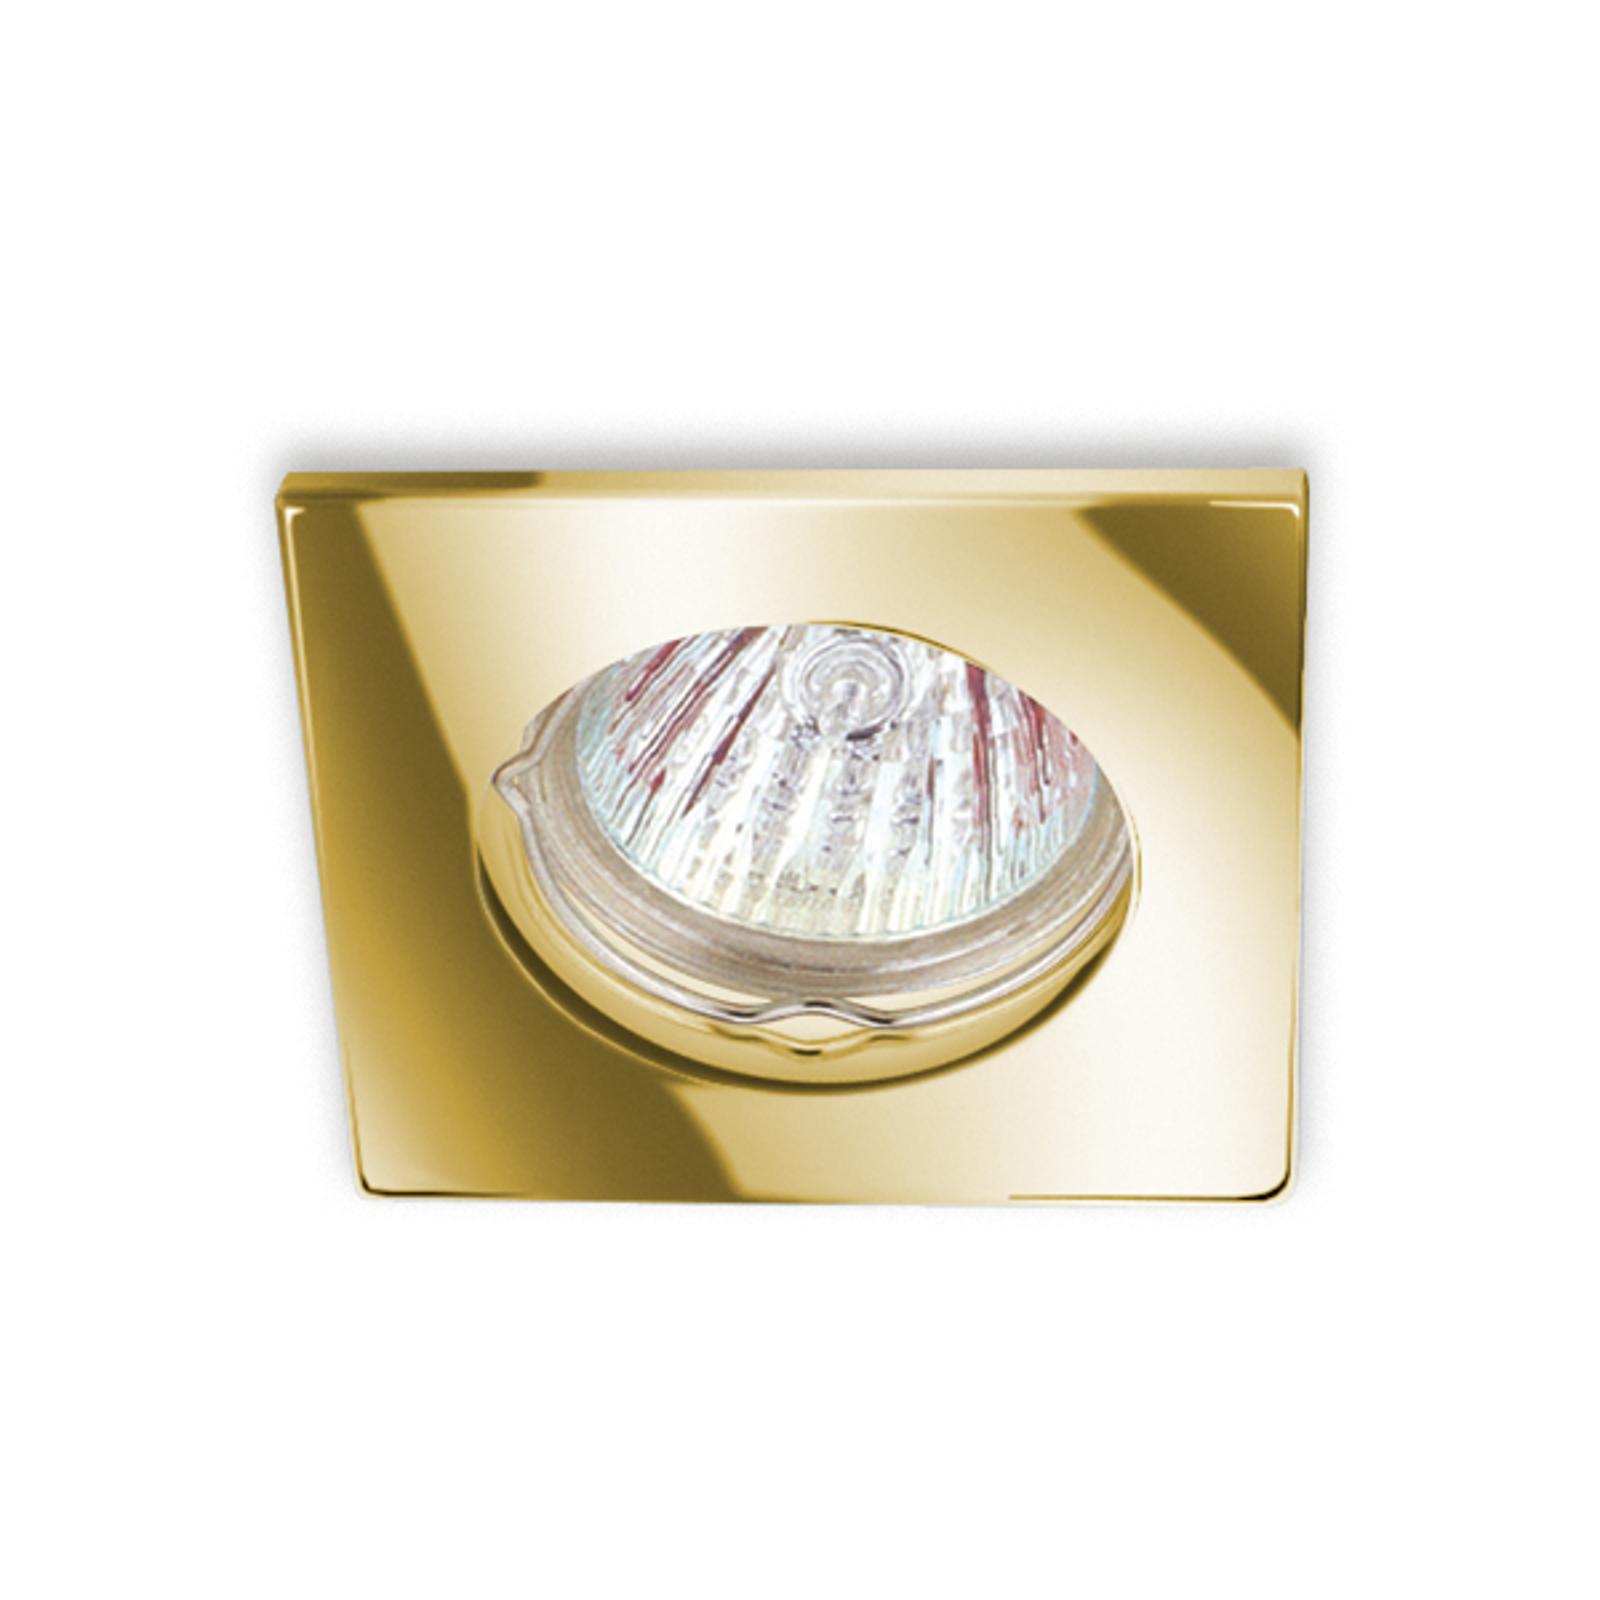 Acquista Downlight quadrato KAR a bassa tensione, 3 colori